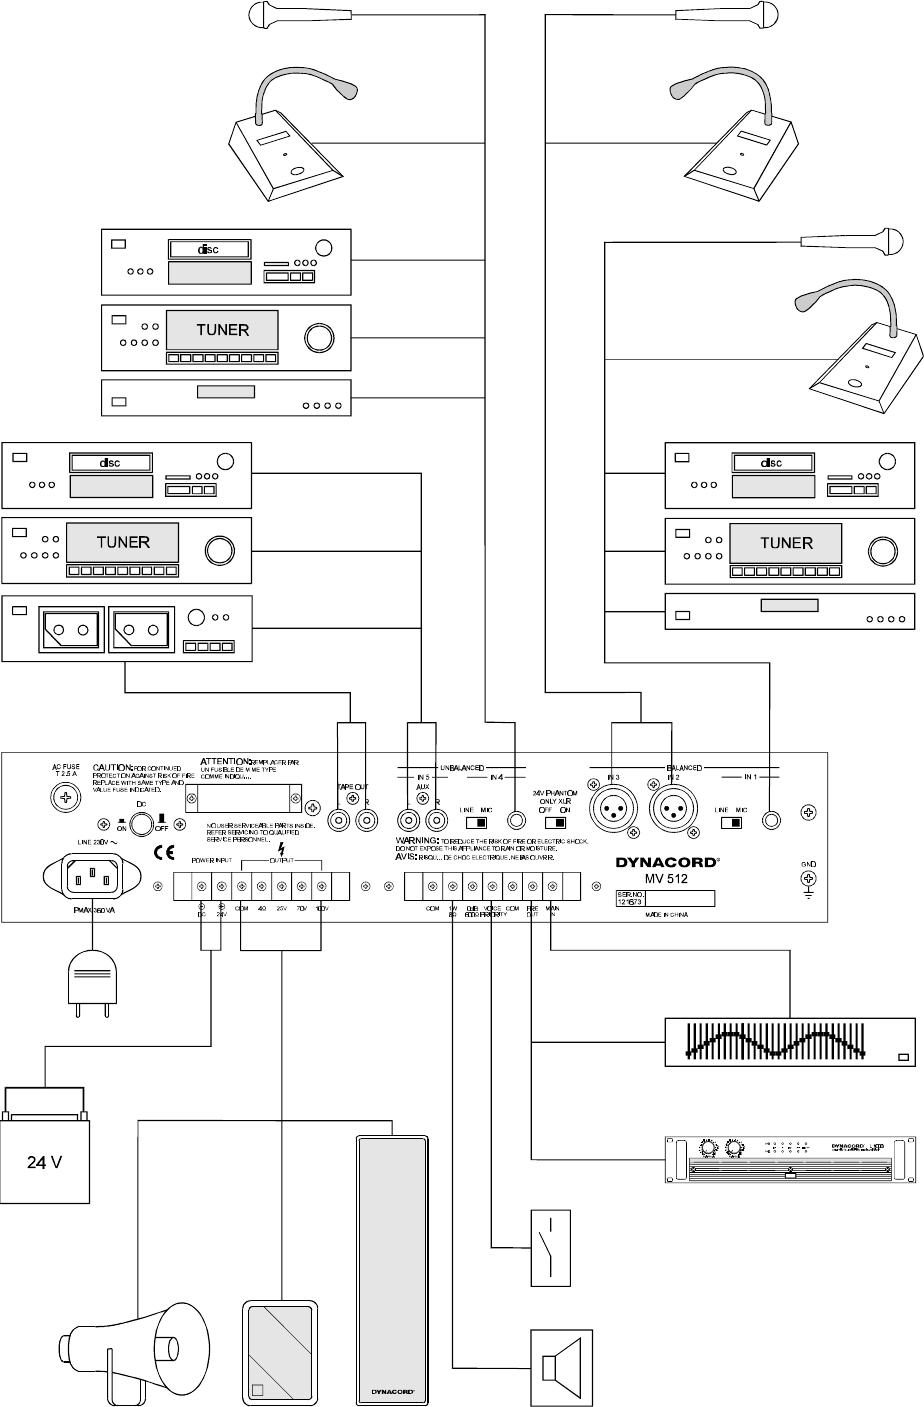 DYNACORD MV512 PDF